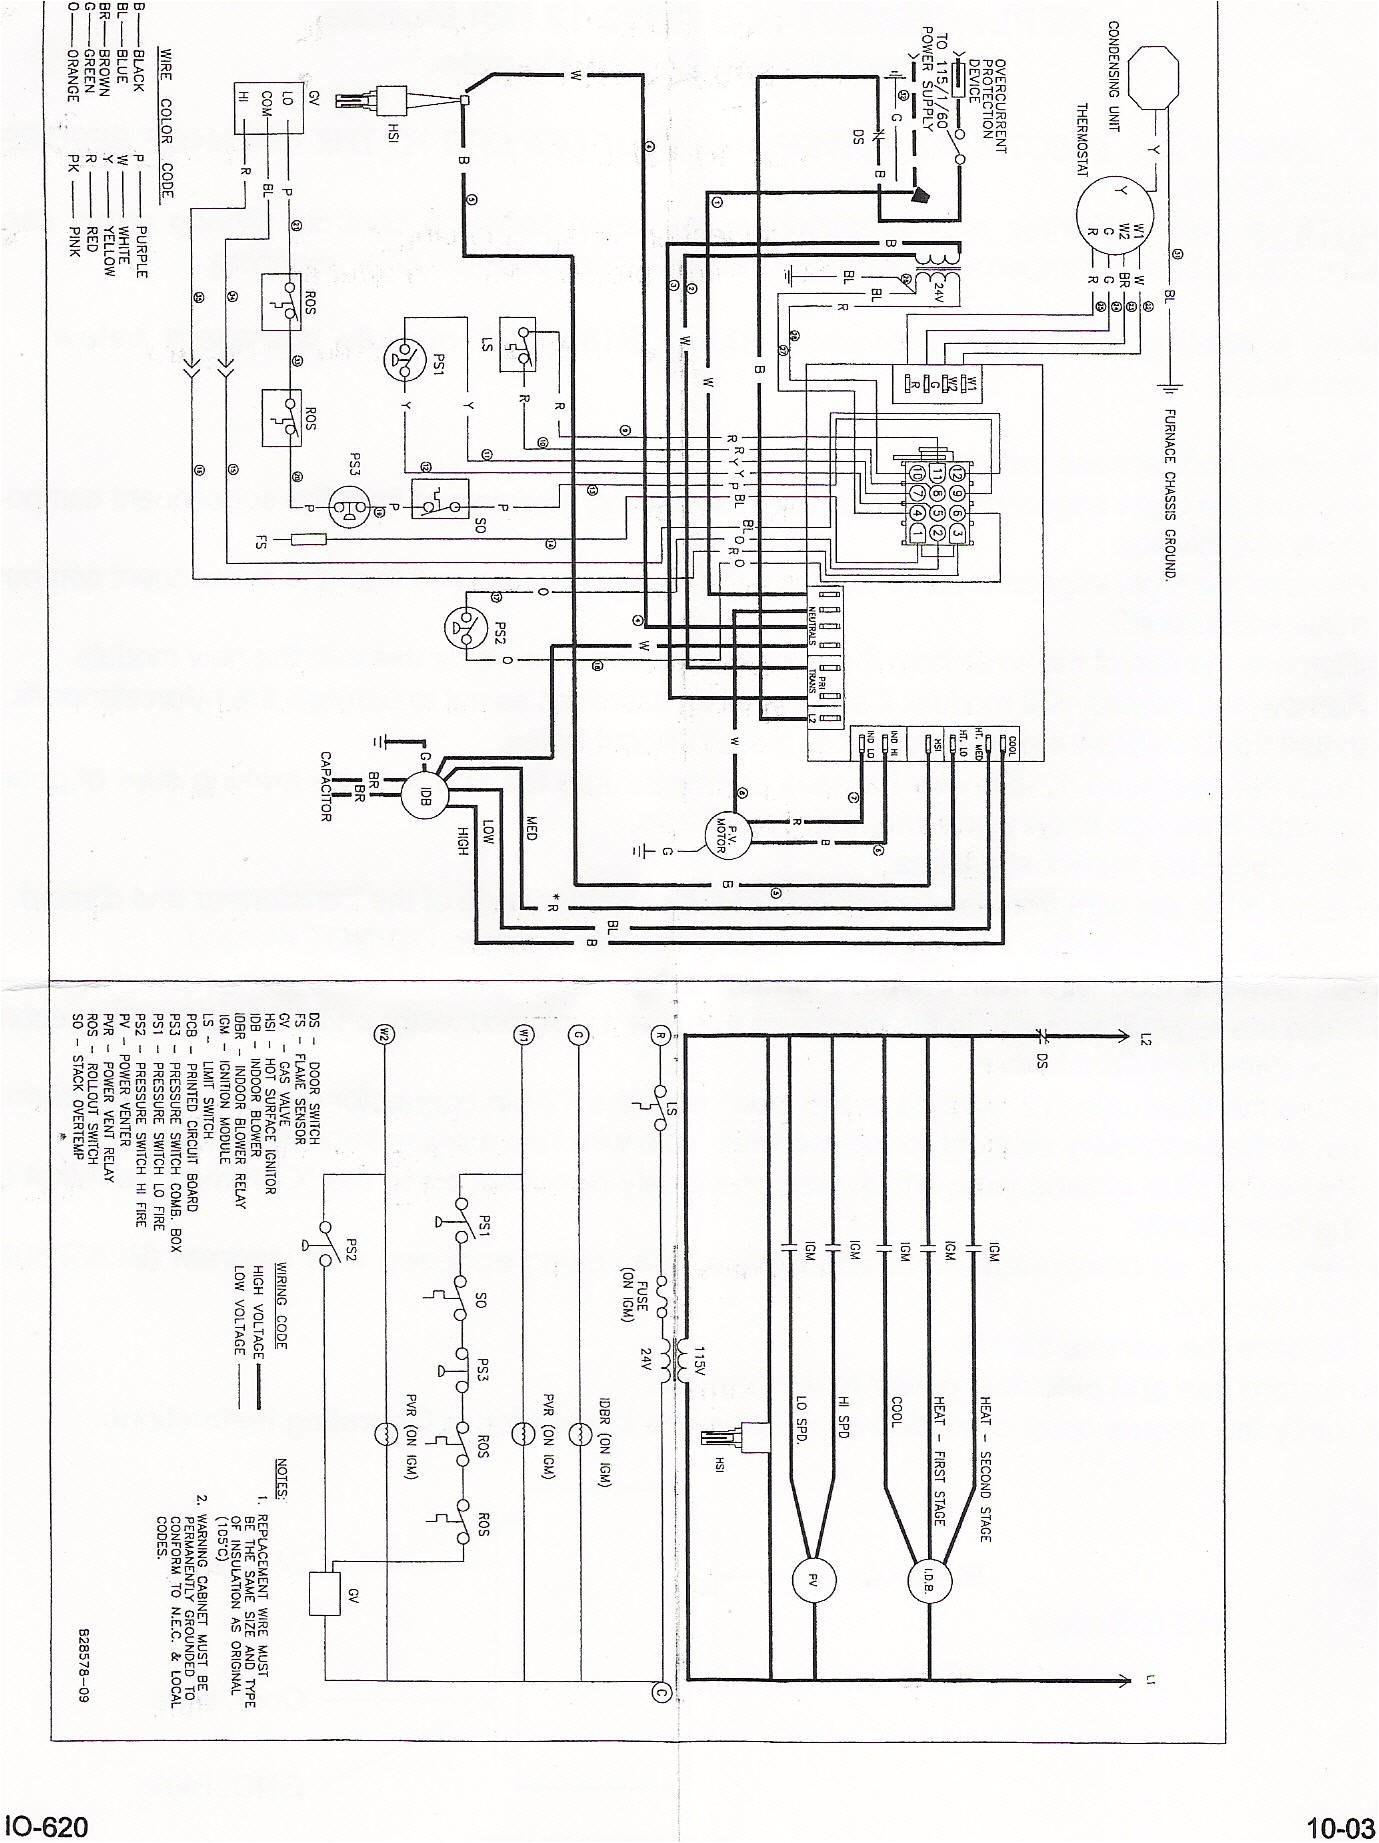 goodman defrost board wiring diagram goodman defrost board wiring diagram wire center u2022 rh coffeevc co goodman heat pump defrost control board goodman defrost control board schematic 17k jpg